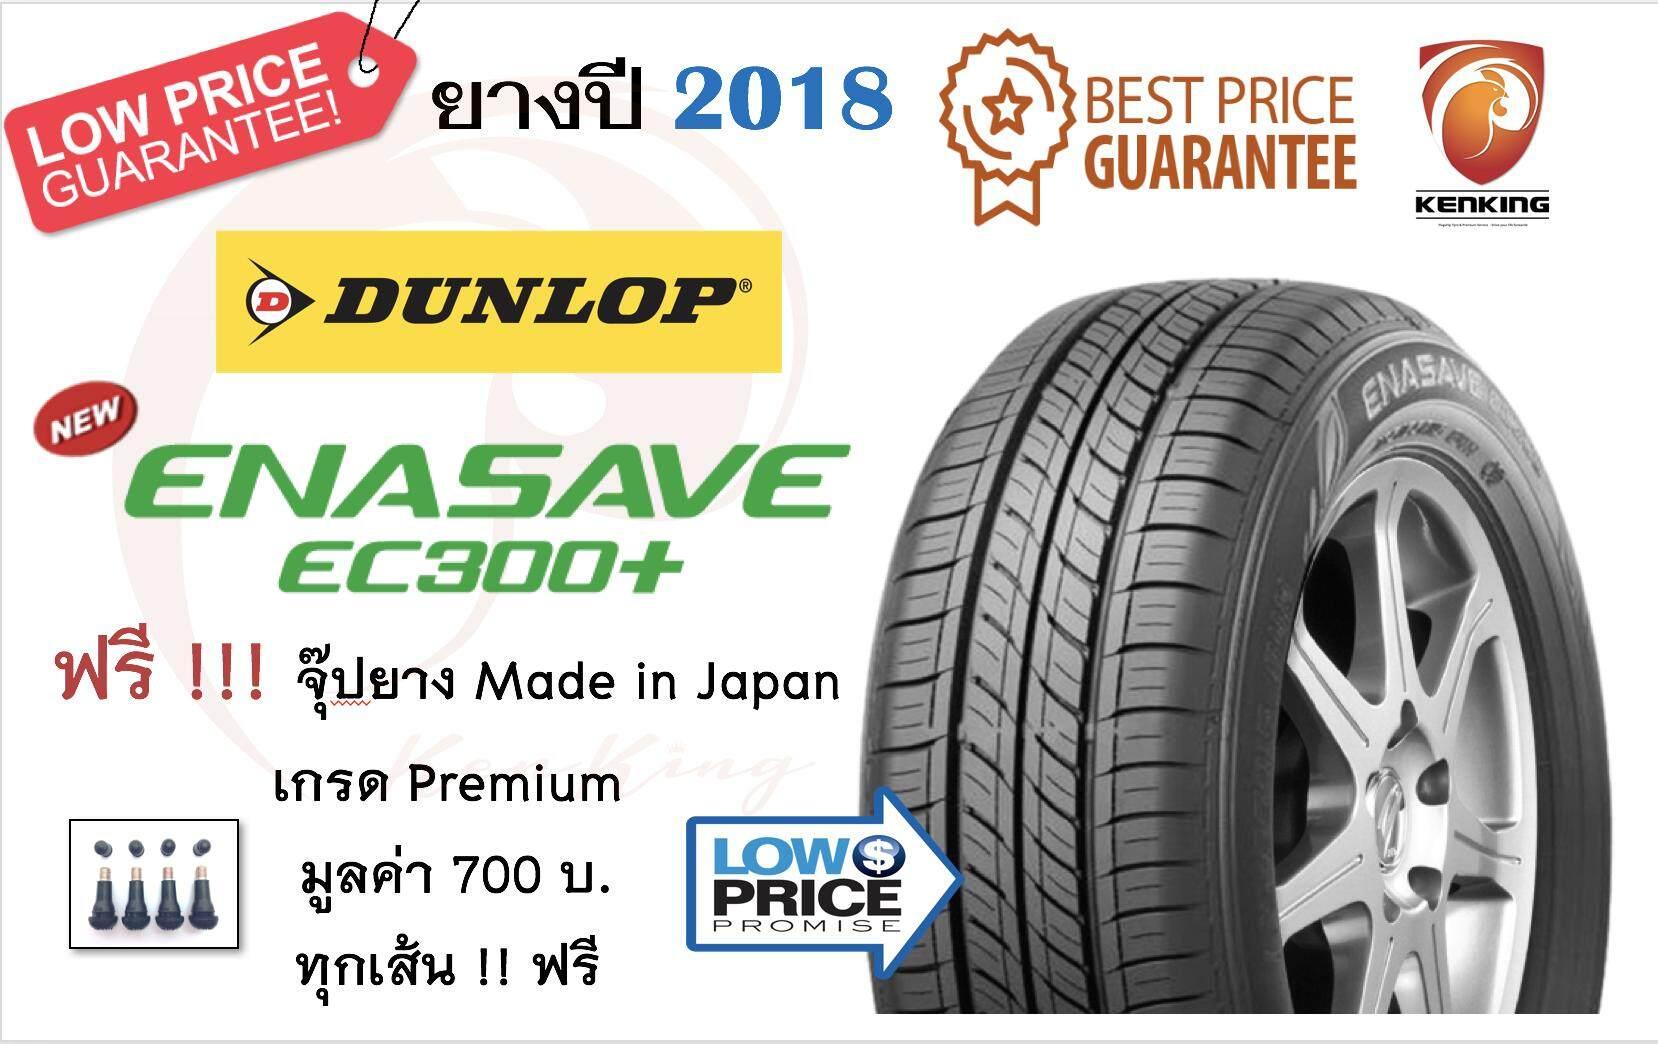 ประกันภัย รถยนต์ 3 พลัส ราคา ถูก ขอนแก่น ยางรถยนต์ขอบ16 Dunlop 205/60 R16  รุ่น ENASAVE EC300+ NEW!! 2019 ( 4 เส้น ) FREE !! จุ๊ป PREMIUM BY KENKING POWER 650 บาท MADE IN JAPAN แท้ (ลิขสิทธิืแท้รายเดียว)